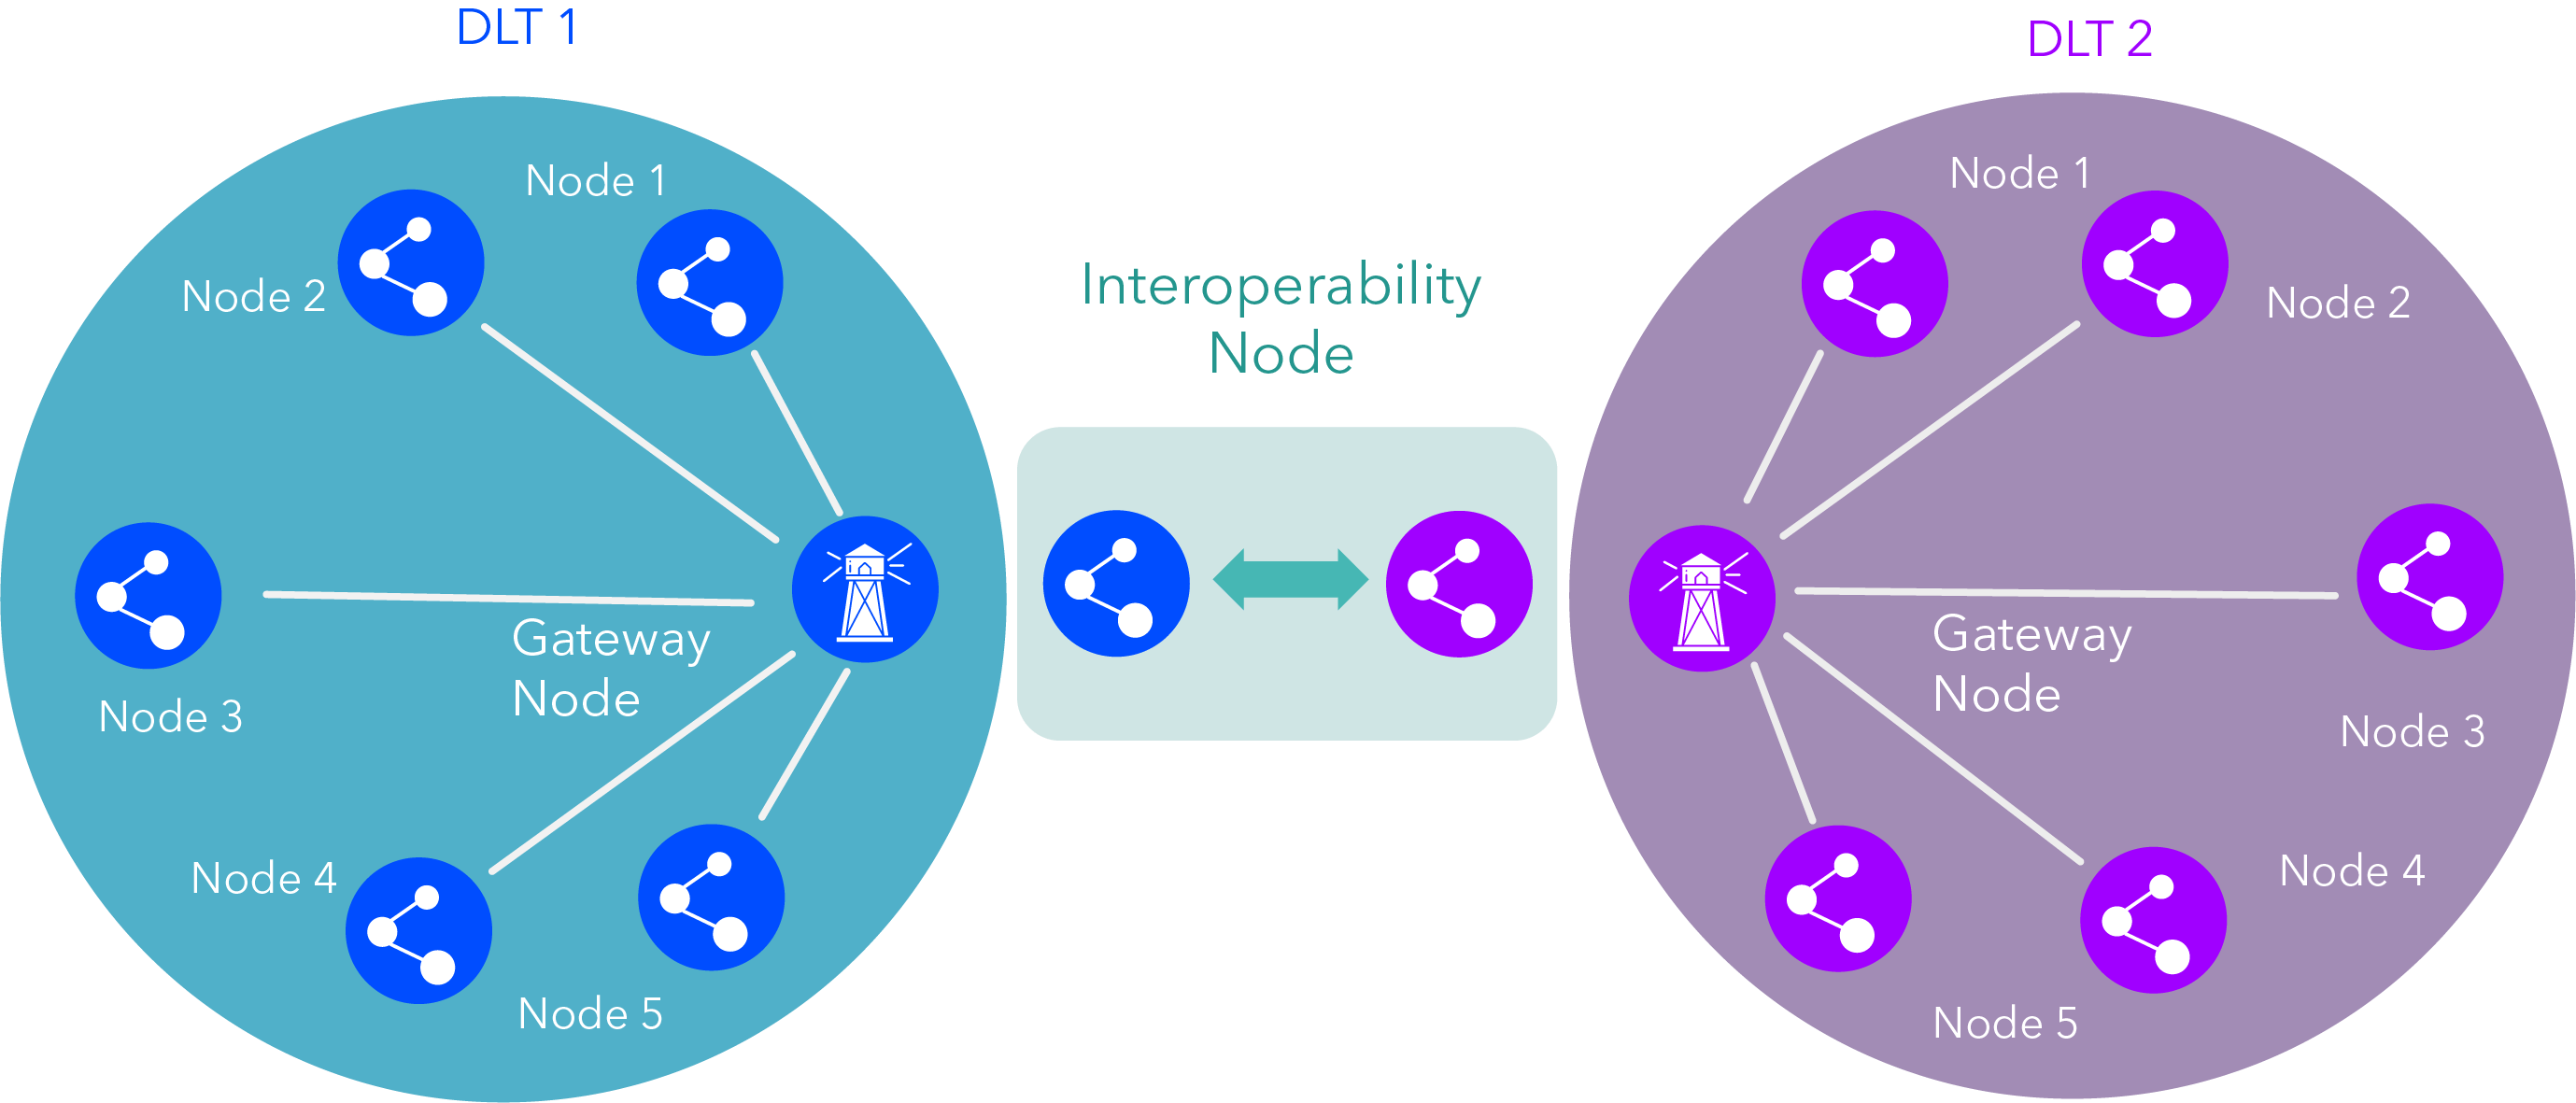 ساختار بین شبکه ای